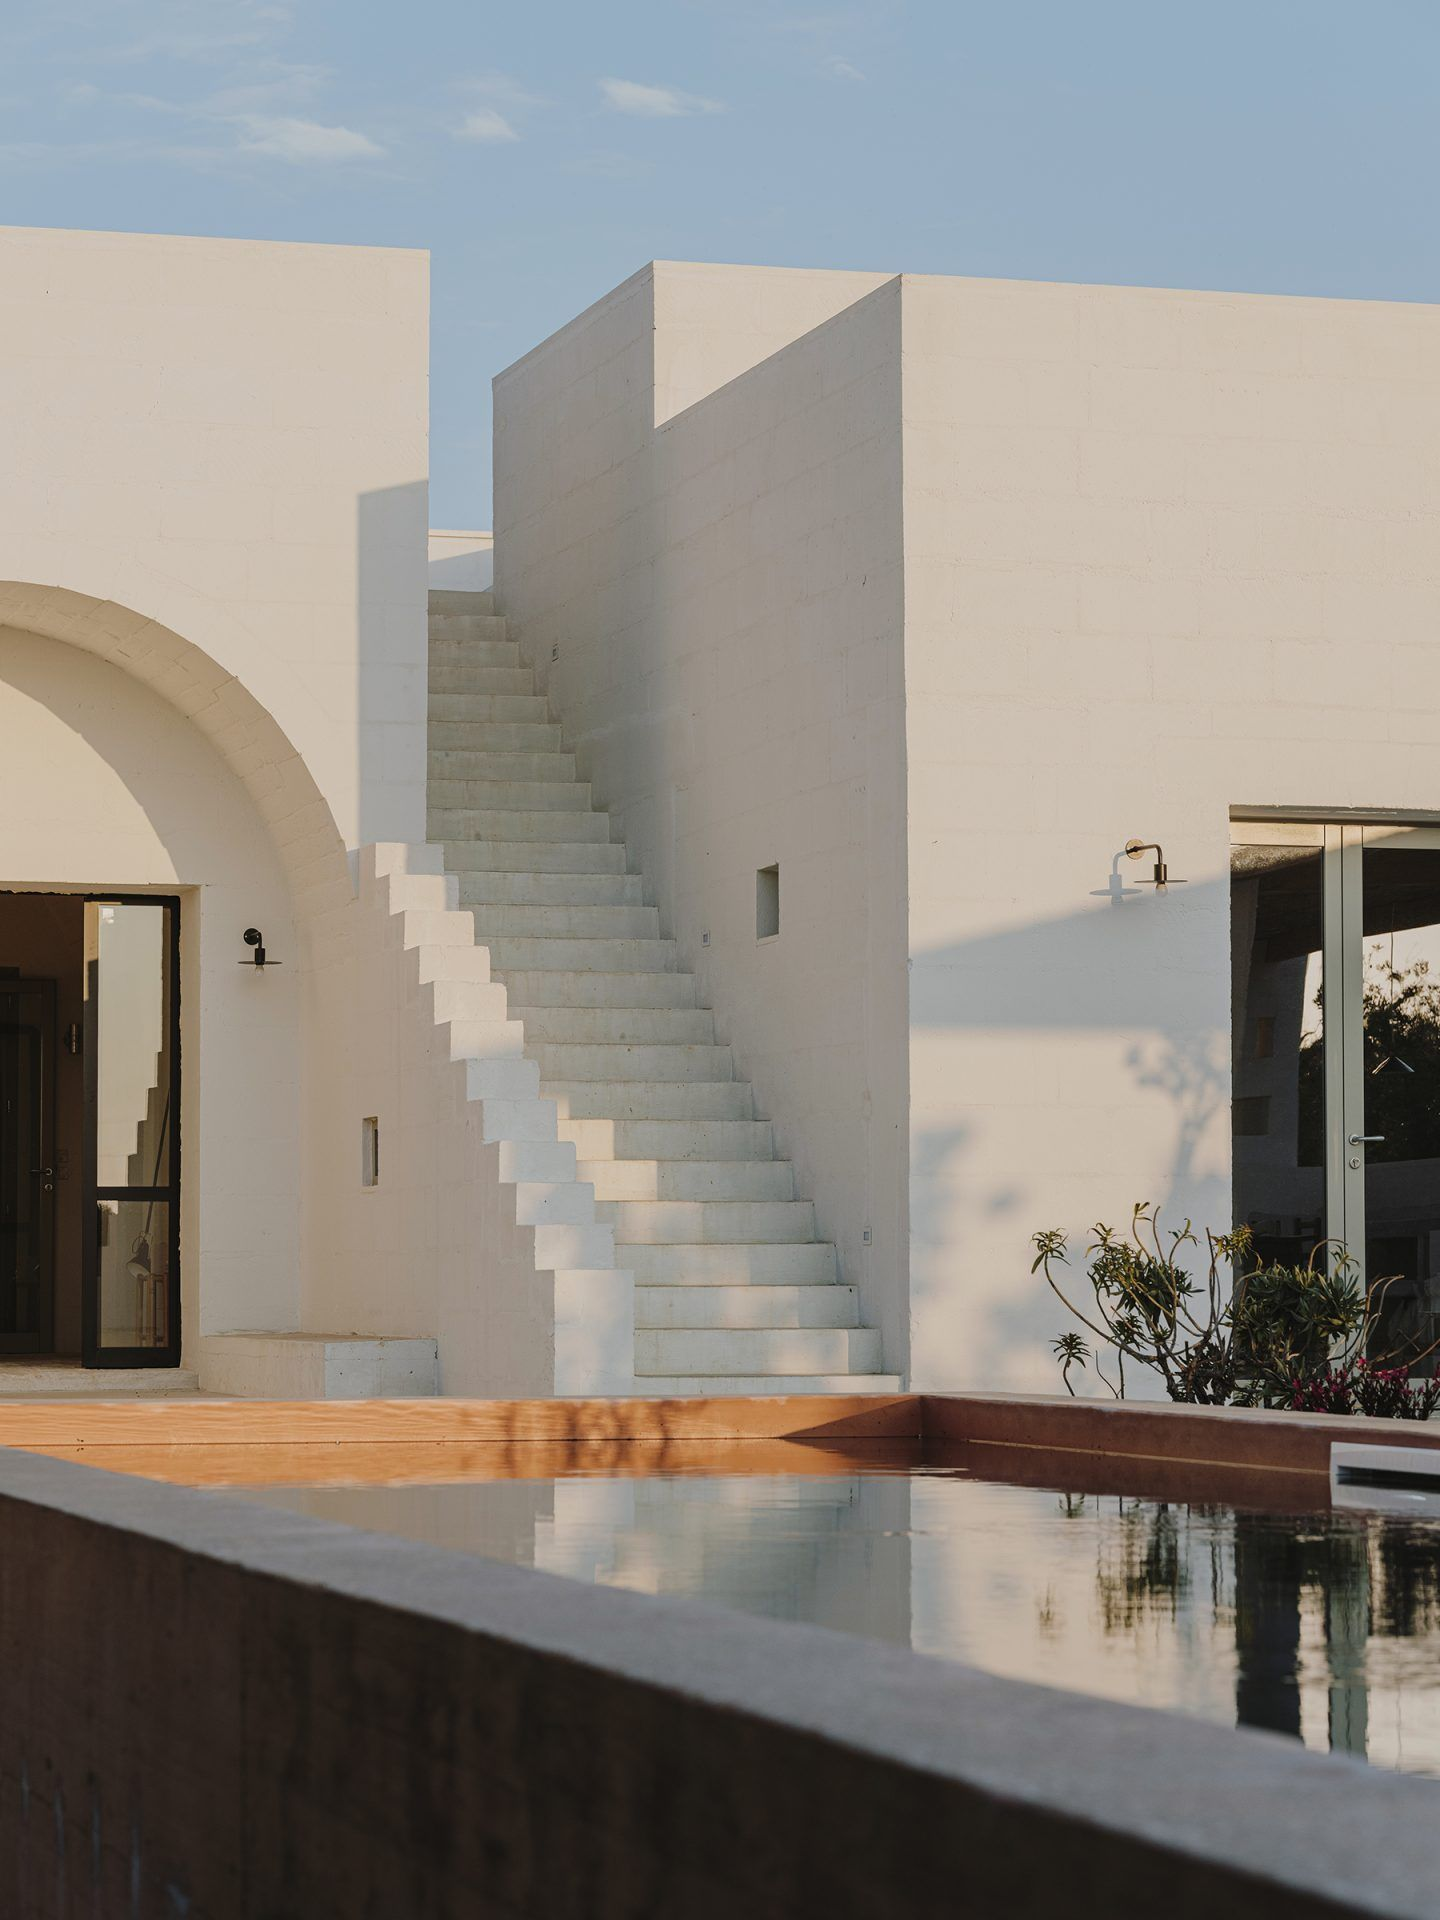 IGNANT-Architecture-Andrew-Trotter-Villa-Cardo-20